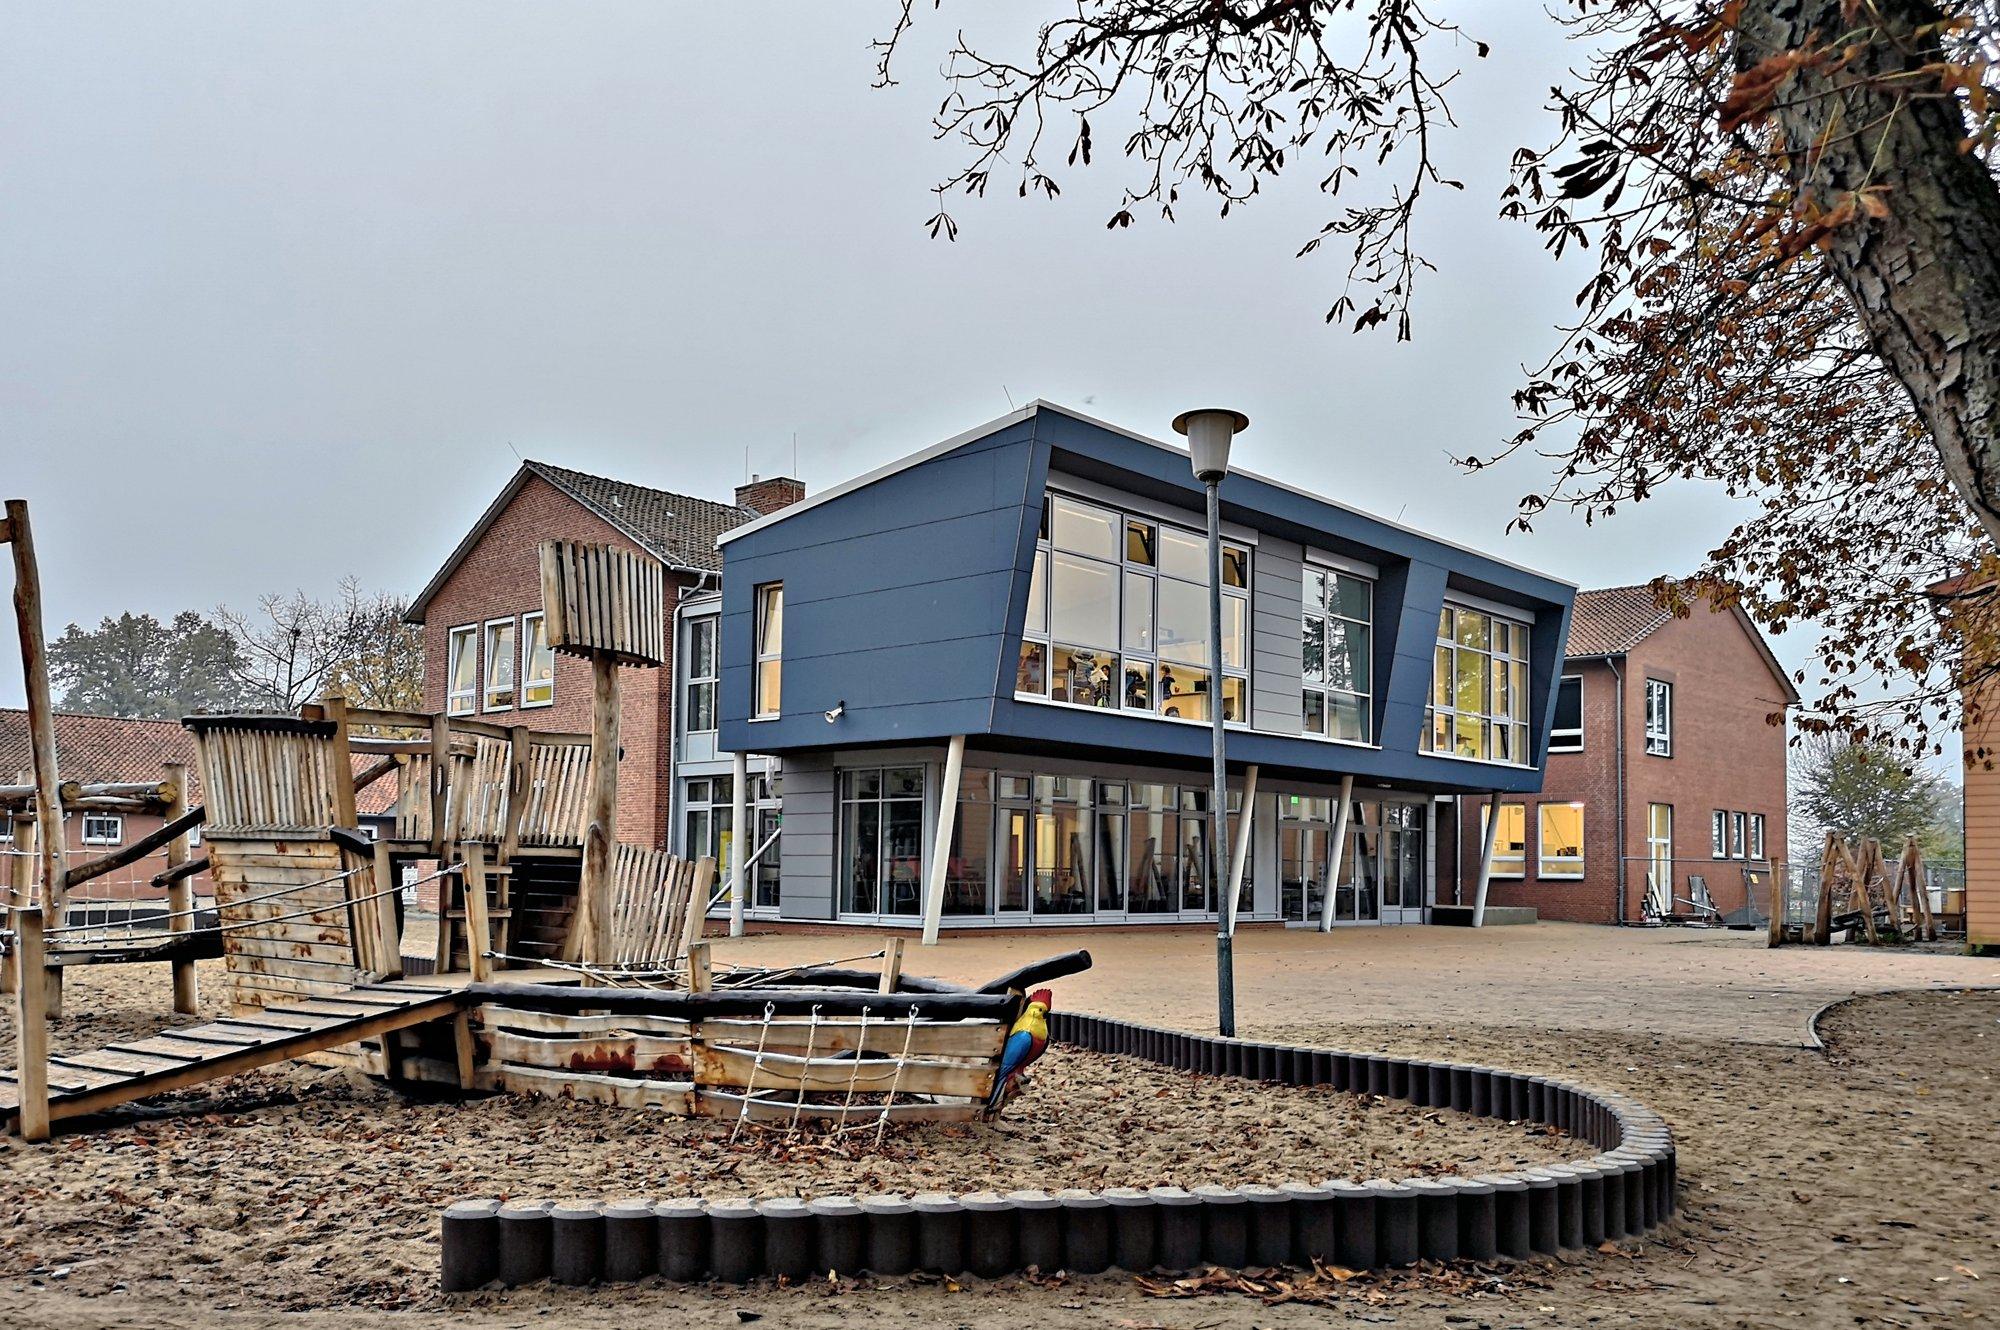 Ein Spielplatz vor dem blauen Schulgebäude der Elbtalschule in Bleckede